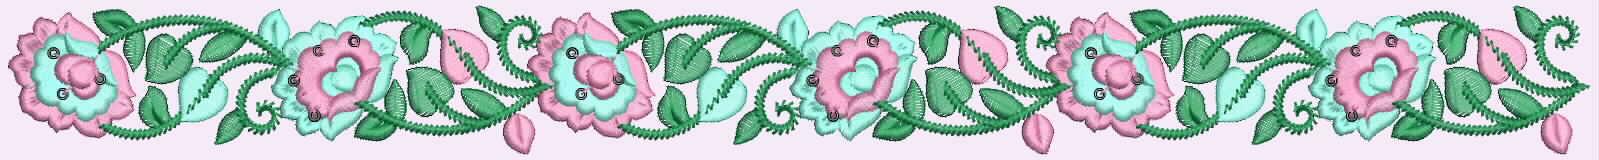 Phantasie Spitzen Grenze auf rosa Samt